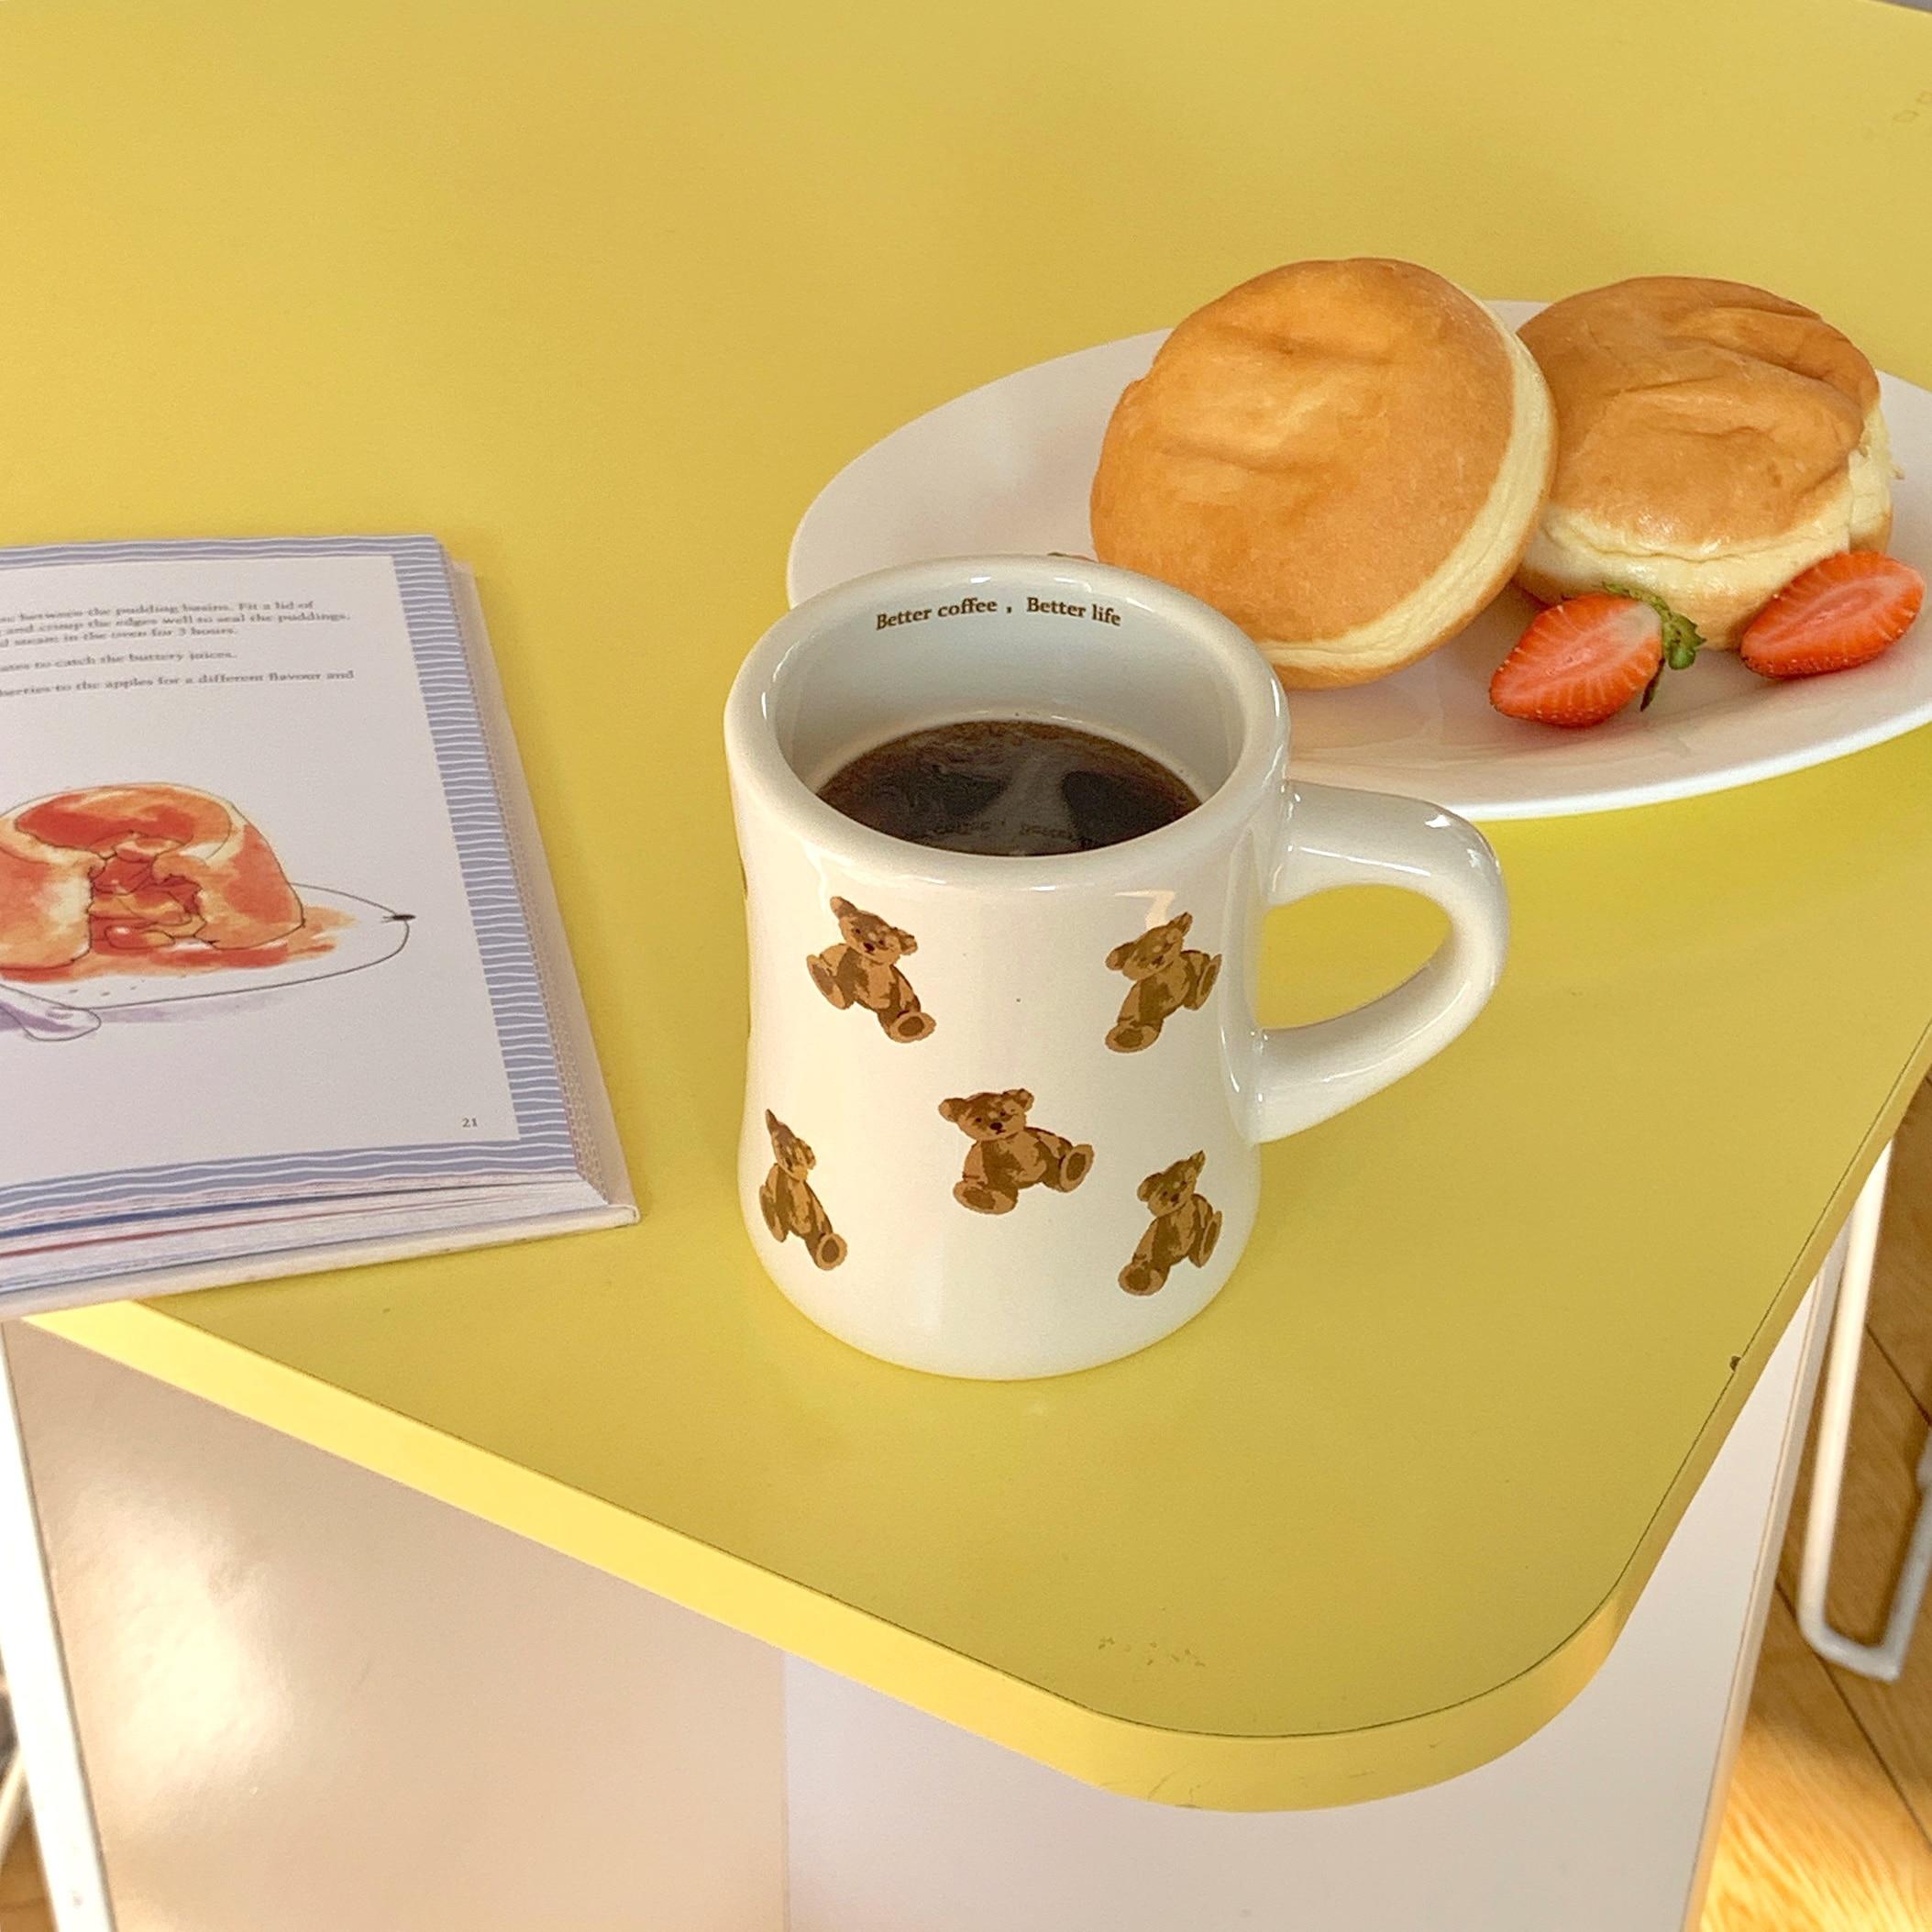 الكورية المتخصصة Kawaii الشوكولاته الدب القدح فتاة الرجعية فنجان القهوة بعد الظهر الشاي مج سيراميك جميل